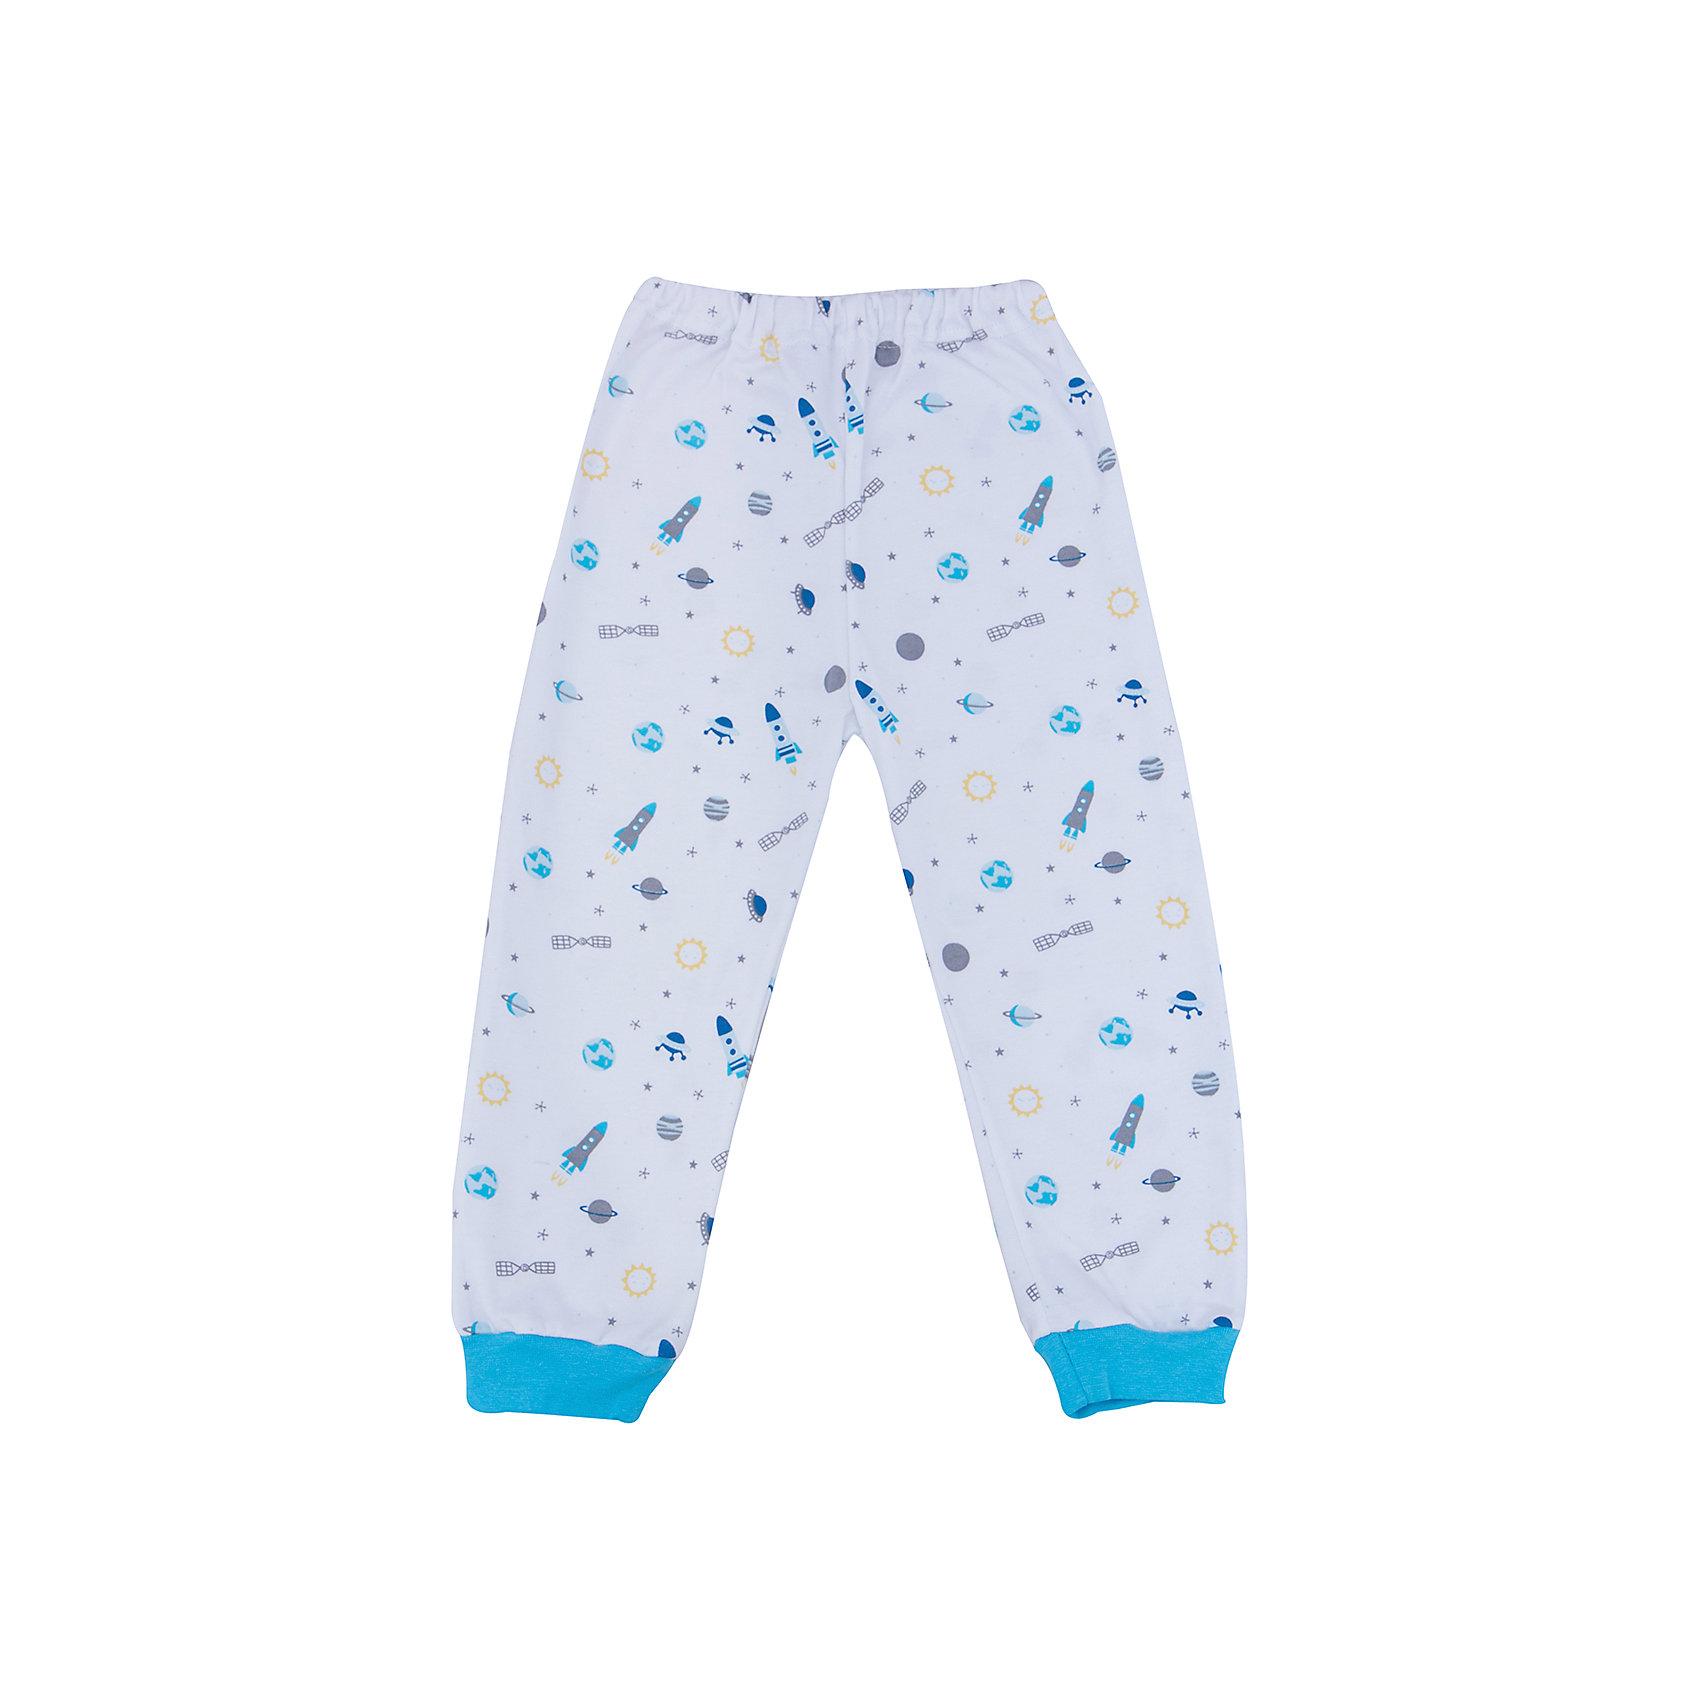 Штанишки для мальчика Веселый малышПолзунки и штанишки<br>Каждый предмет, предназначающийся ребенку, необходимо тщательно выбирать. Одежда для малышей должна быть удобной и качественной - это один из необходимых факторов для правильного развития и хорошего самочувствия ребенка.<br>Эти штанишки отличаются высоким качеством швов, продуманным кроем, что позволяет им хорошо фиксироваться на теле малыша, не сползать и не натирать. Застежки - удобные кнопки, которые не мешают ребенку. Материал - интерлок. Это плотная ткань из натурального хлопка, гладкая, приятная на ощупь, дышащая и гипоаллергенная. Расцветка изделий позволяет легко комбинировать их с различной одеждой. <br><br>Дополнительная информация:<br><br>материал: 100% хлопок интерлок;<br>мягкая резинка;<br>украшены принтом.<br><br>Штанишки от бренда Веселый малыш можно купить в нашем магазине.<br><br>Ширина мм: 157<br>Глубина мм: 13<br>Высота мм: 119<br>Вес г: 200<br>Цвет: белый<br>Возраст от месяцев: 2<br>Возраст до месяцев: 5<br>Пол: Мужской<br>Возраст: Детский<br>Размер: 62,74,80,86,68<br>SKU: 4810485